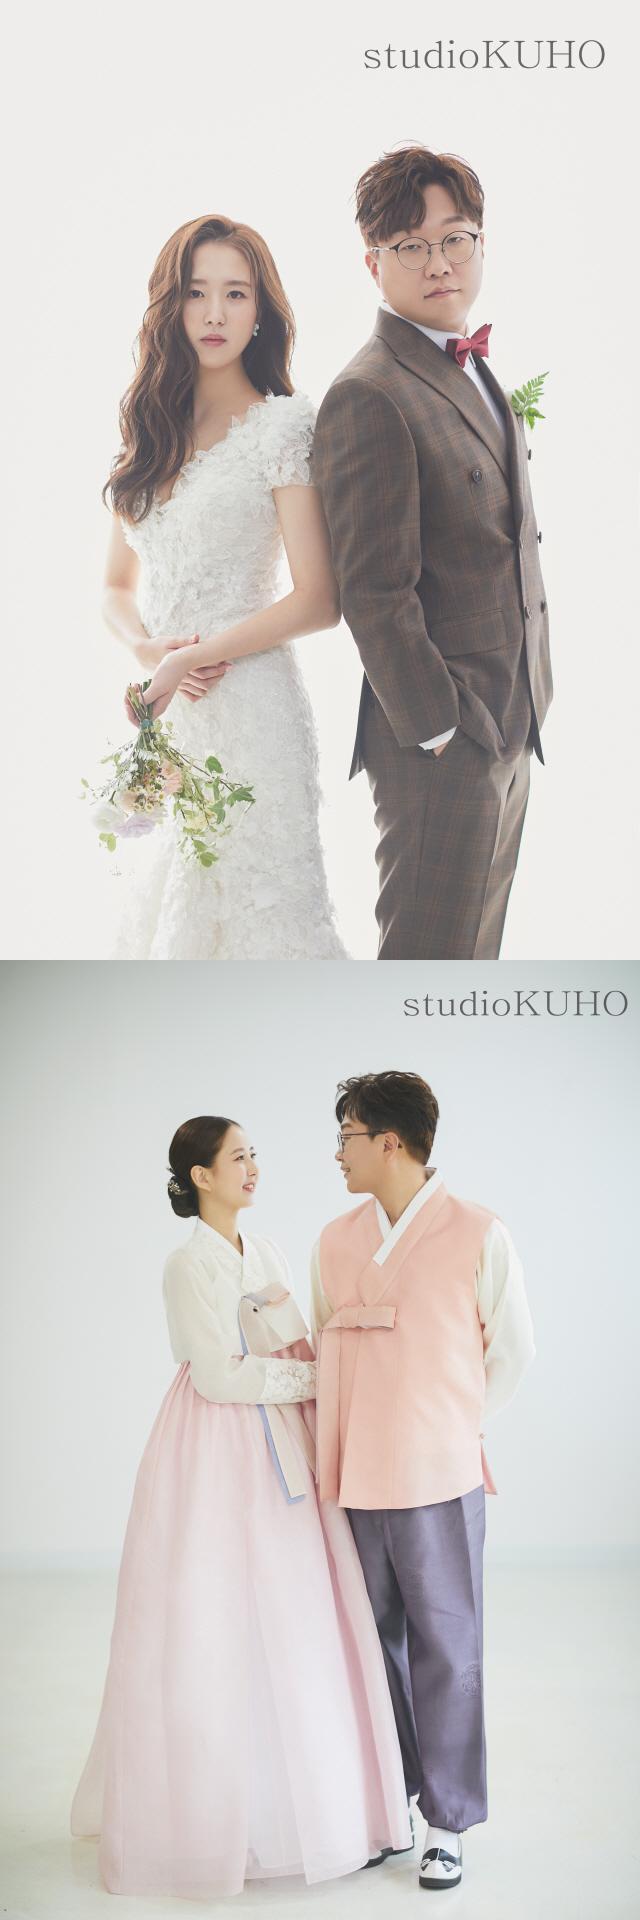 개그맨 박휘순, '17살 연하' 예비신부 천예지와 웨딩 화보 공개